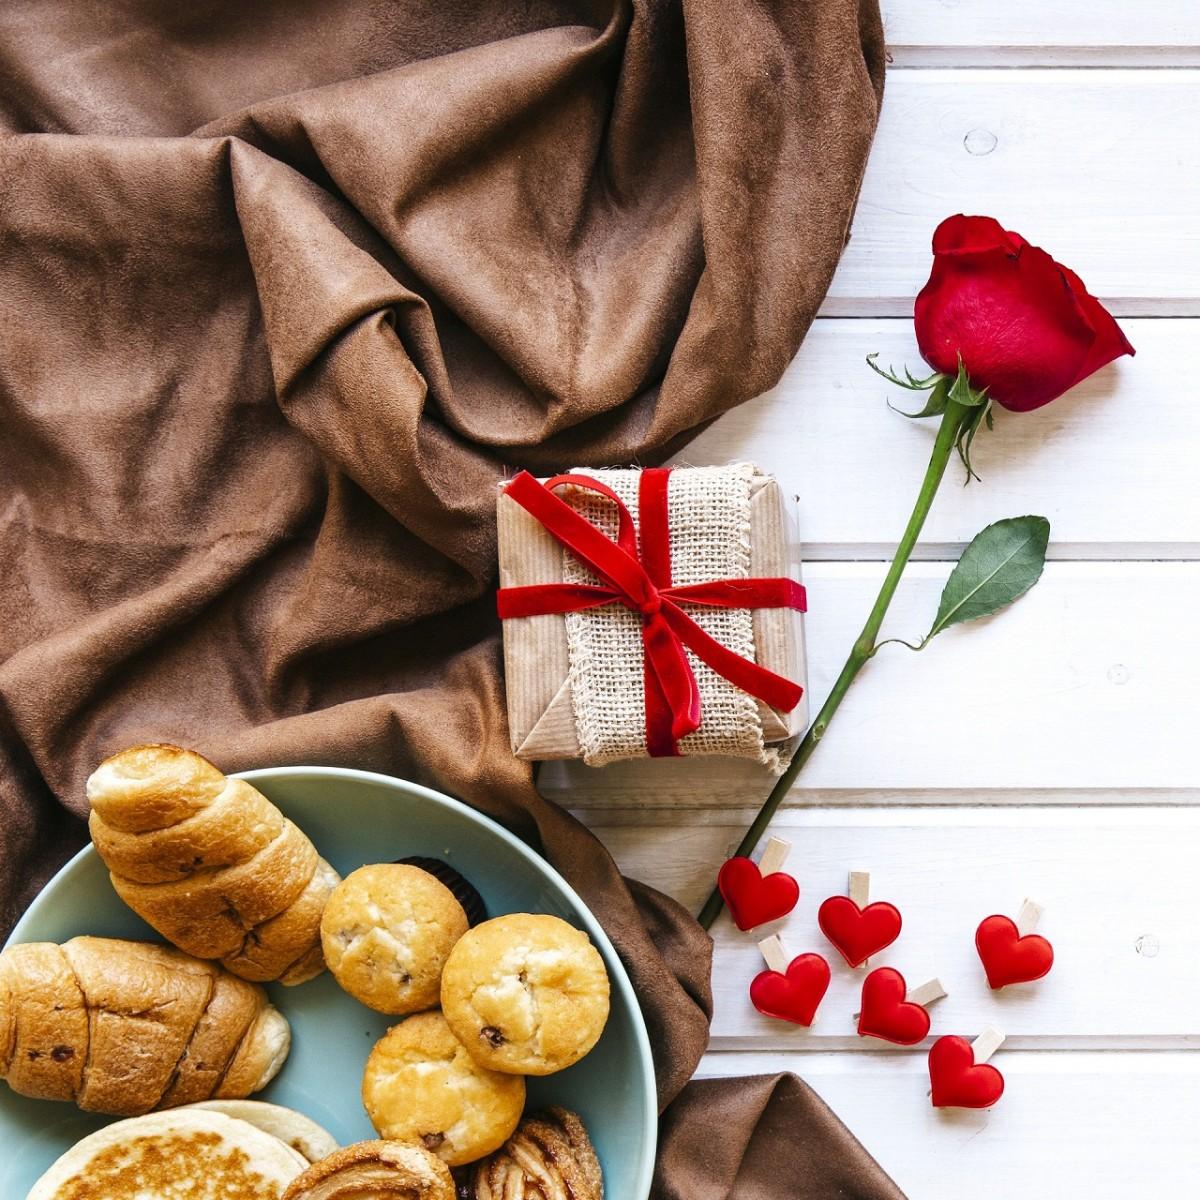 O quebra-cabeça Recolher o quebra-cabeças on-line - Valentine's day